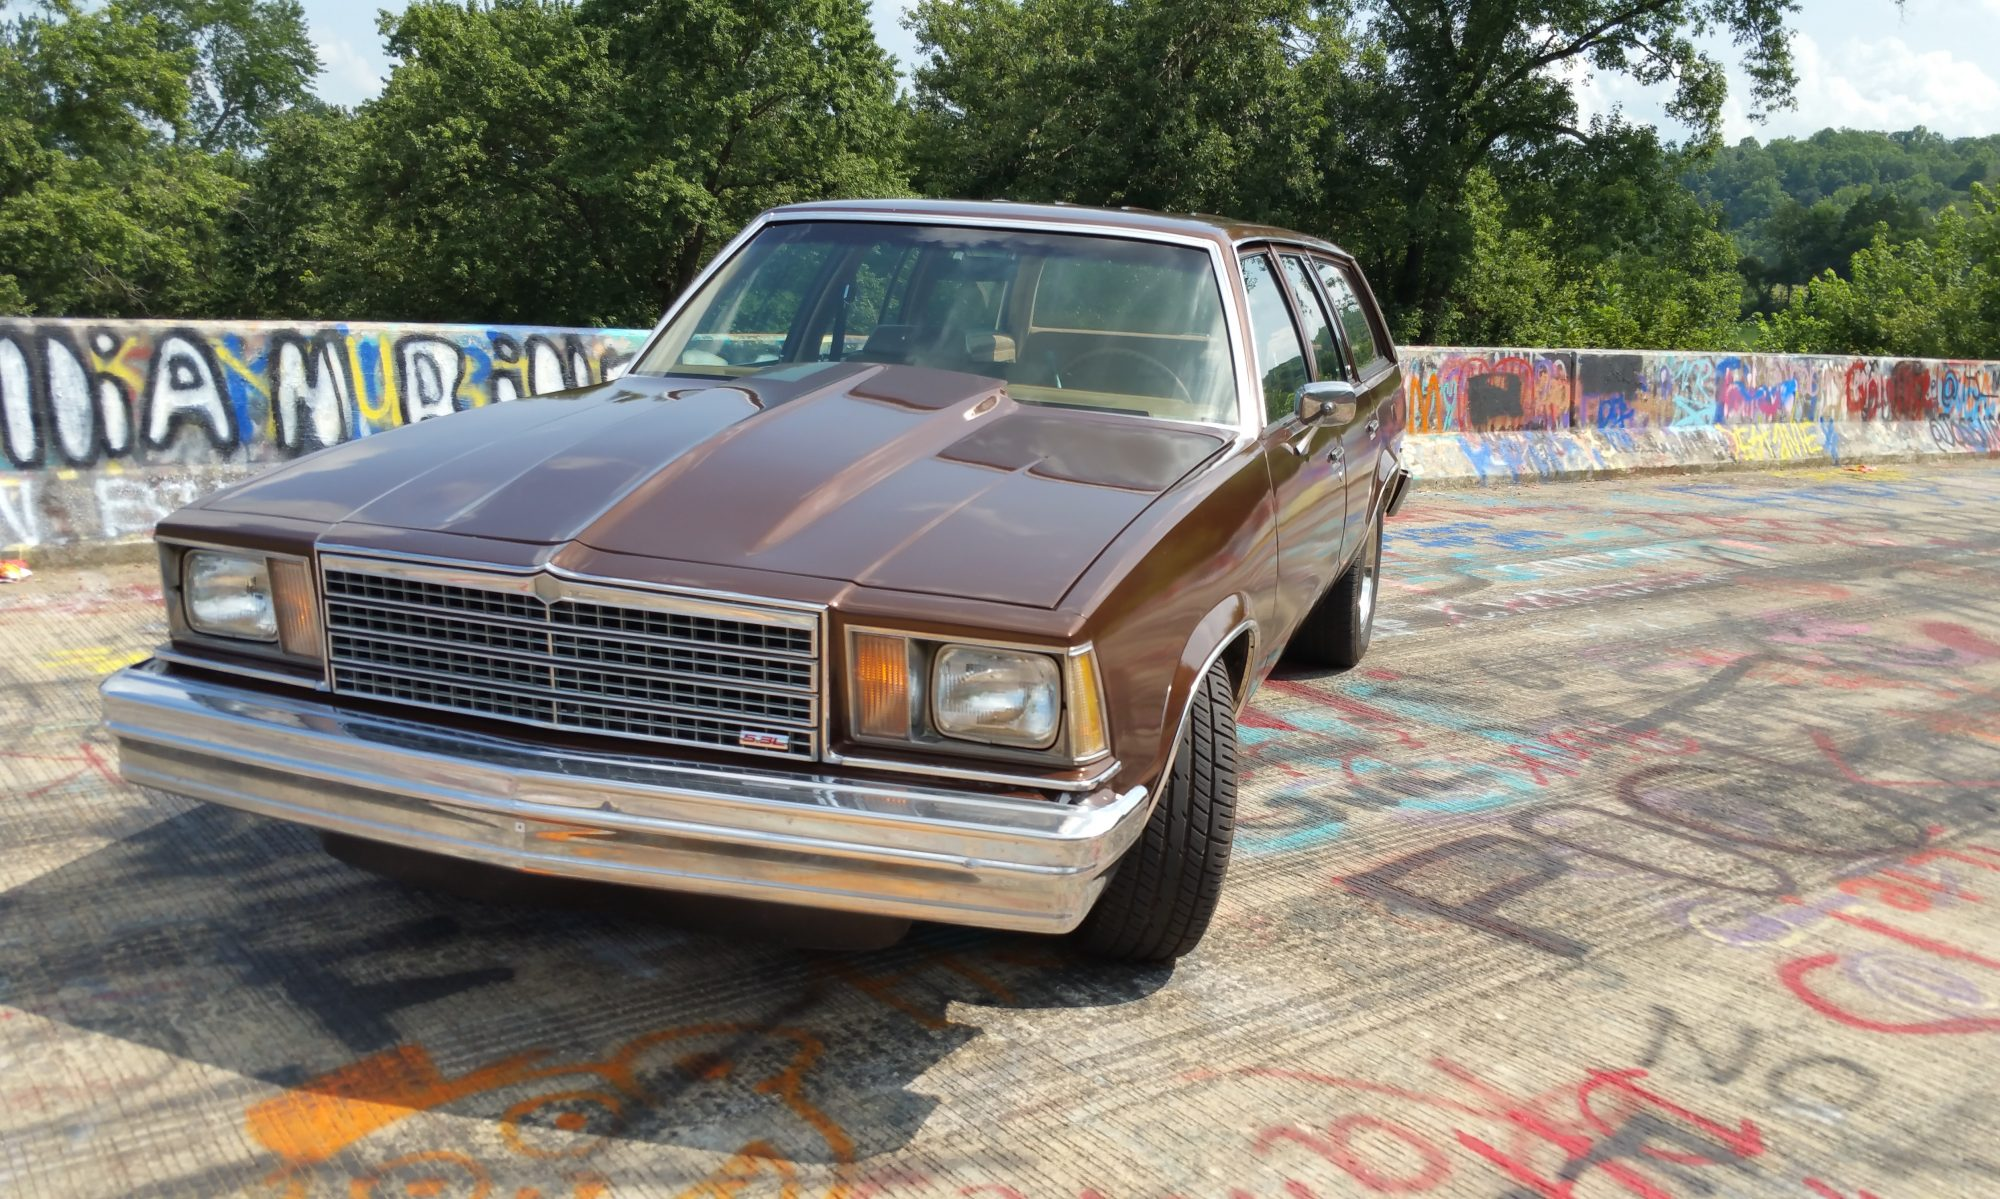 1979 Malibu Wagon